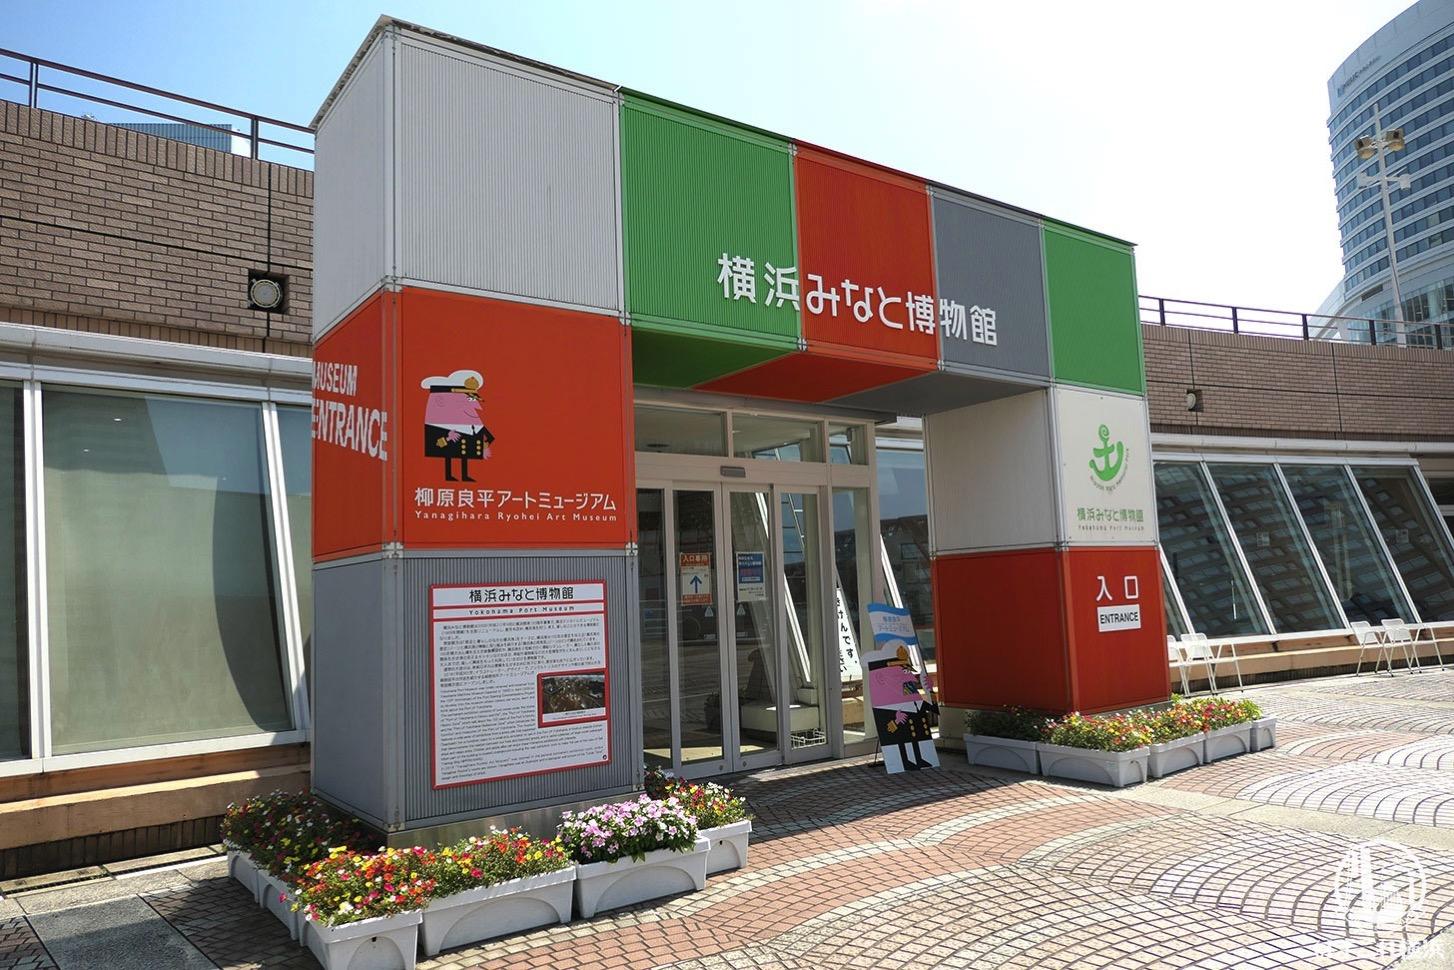 横浜みなと博物館 外観